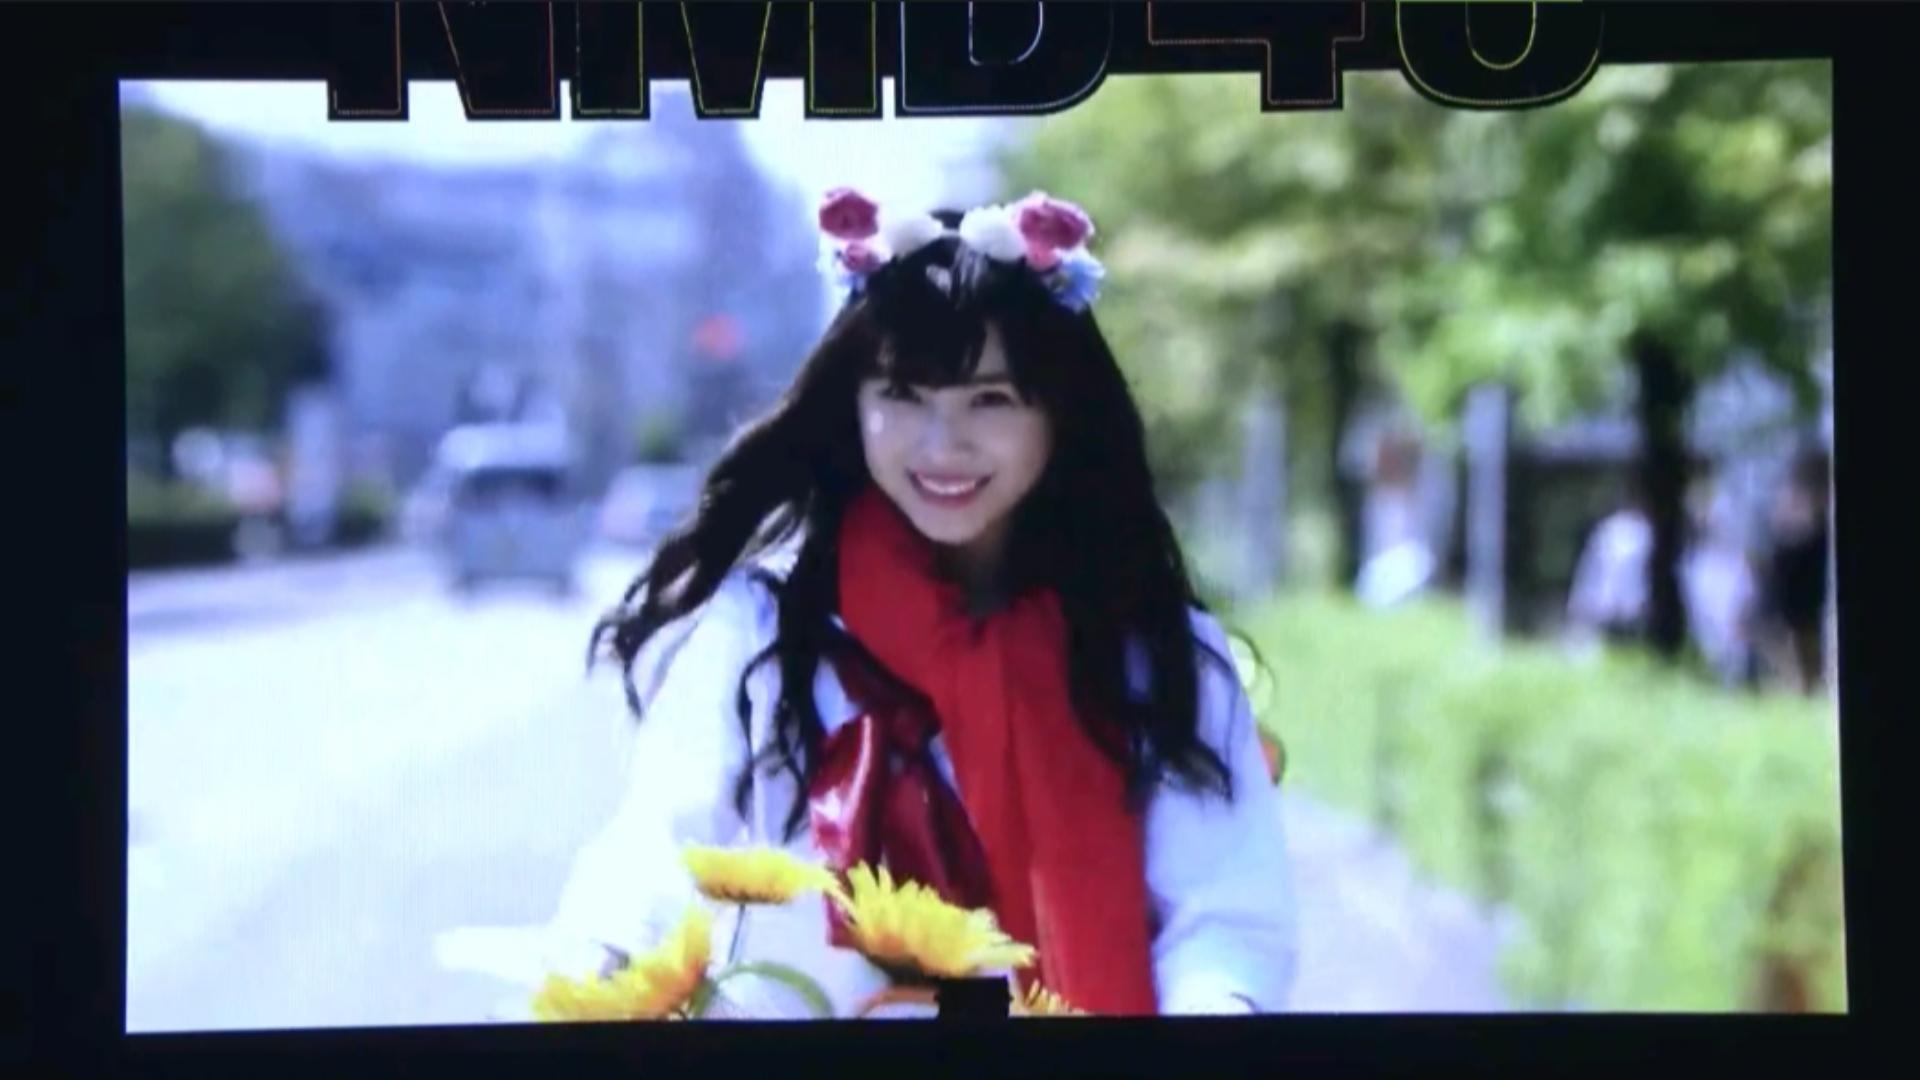 極道なりたガール・可憐flowerの「第2話」が10月に配信-040